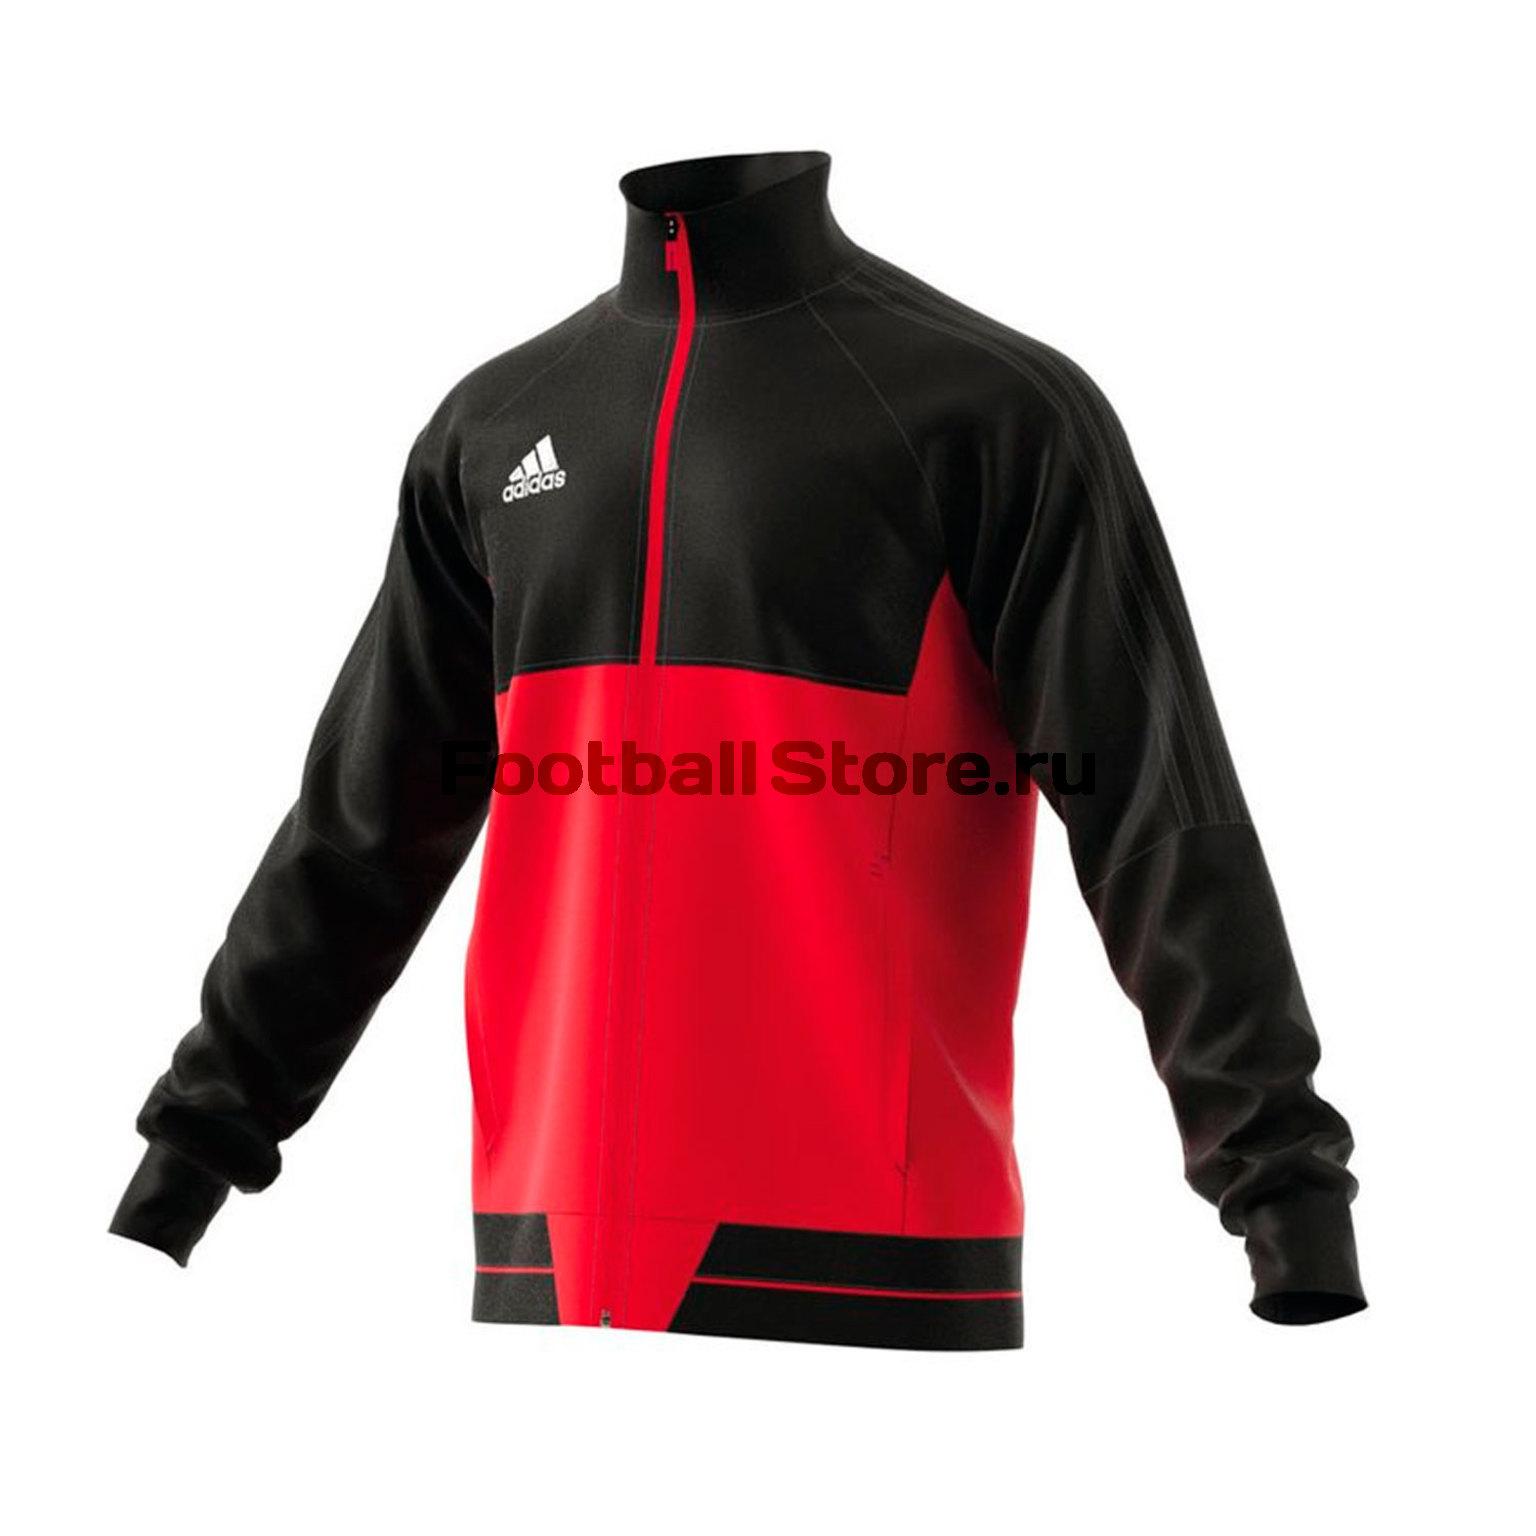 Олимпийка Adidas Tiro17 Pes JKT BQ2596 цена